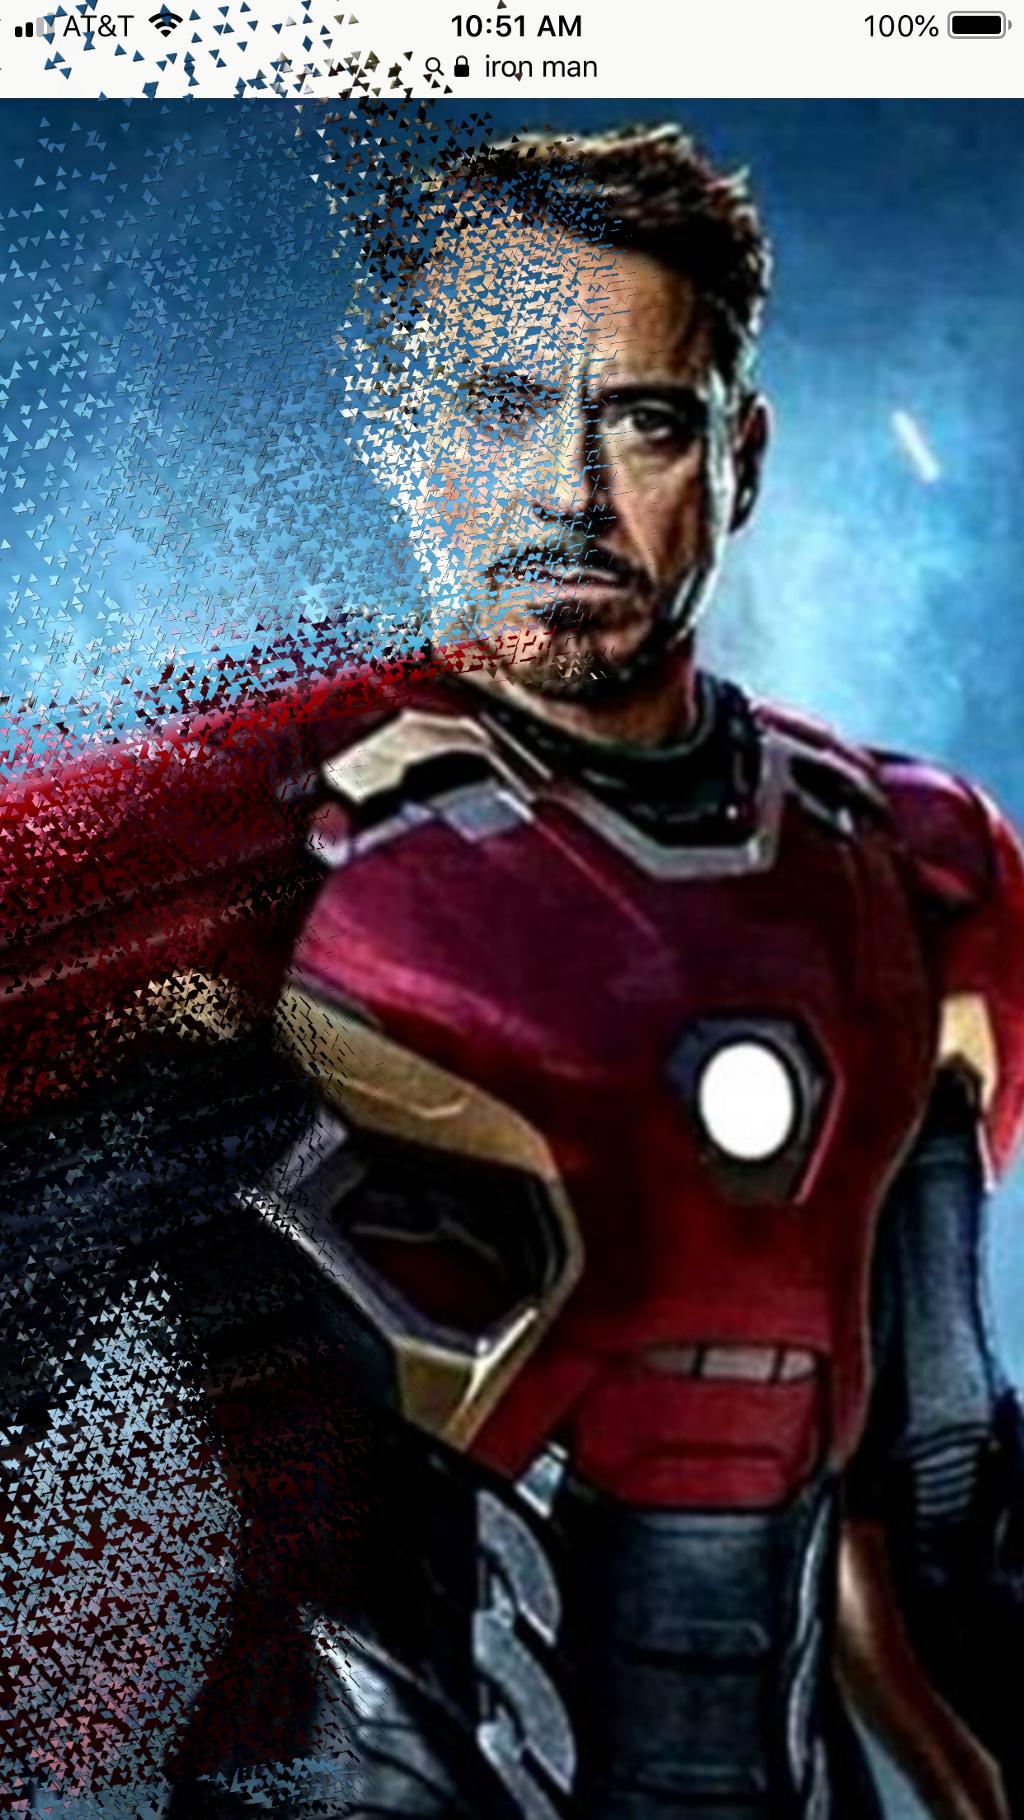 Rip Iron Man #endgame #freetoedit